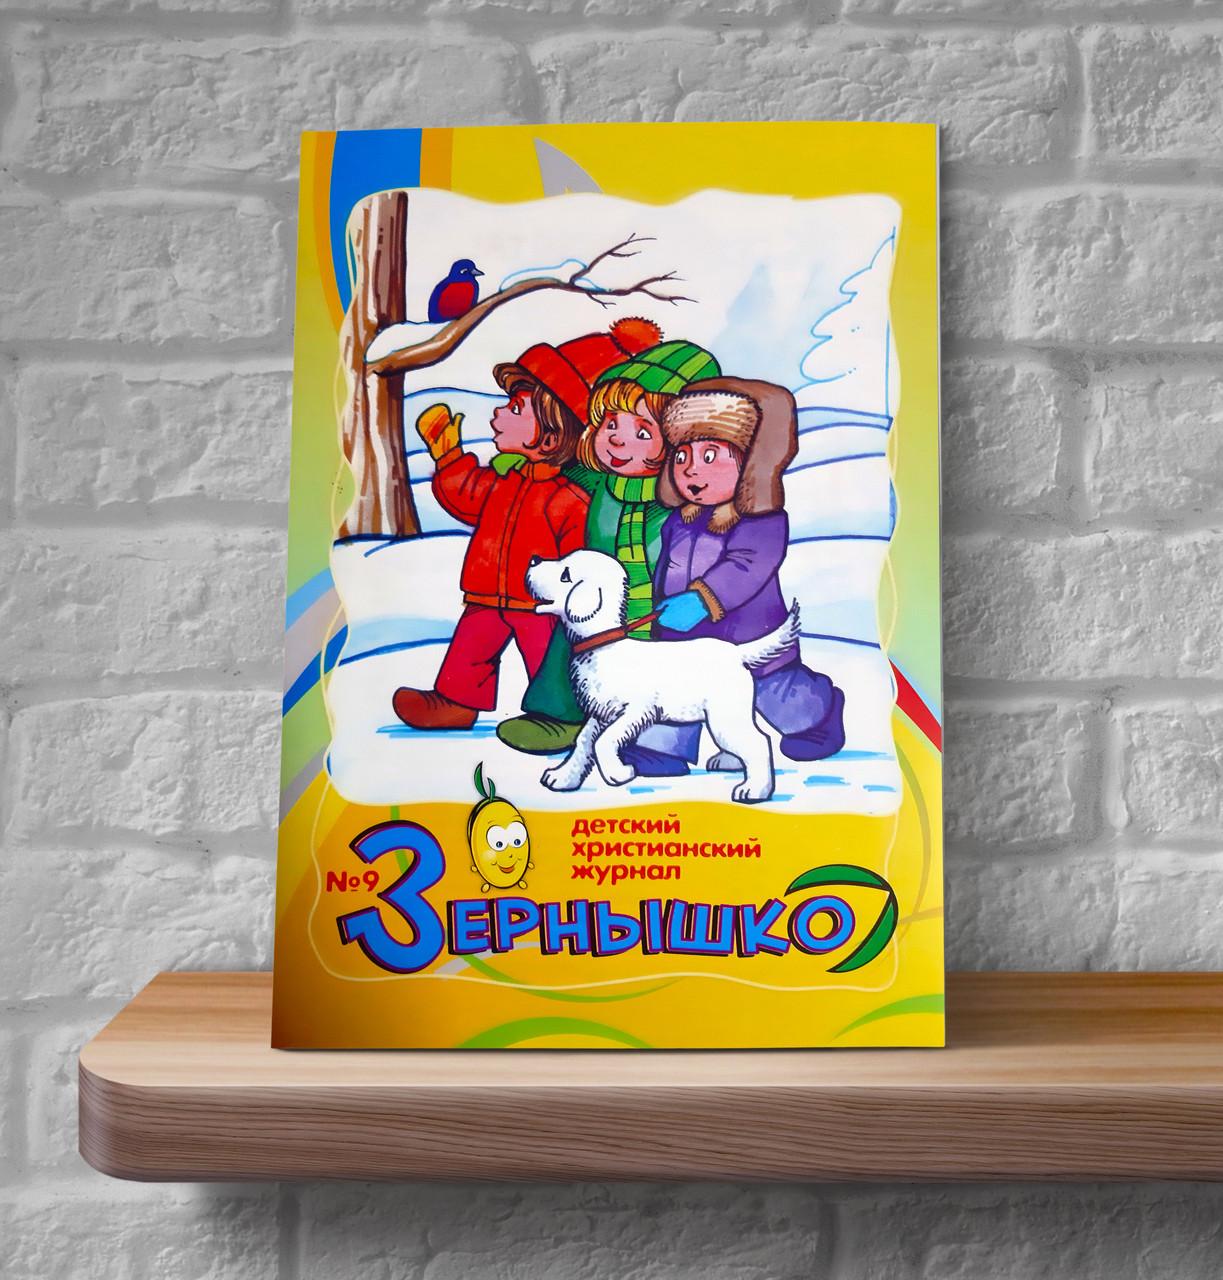 Зернышко № 9. Детский христианский журнал